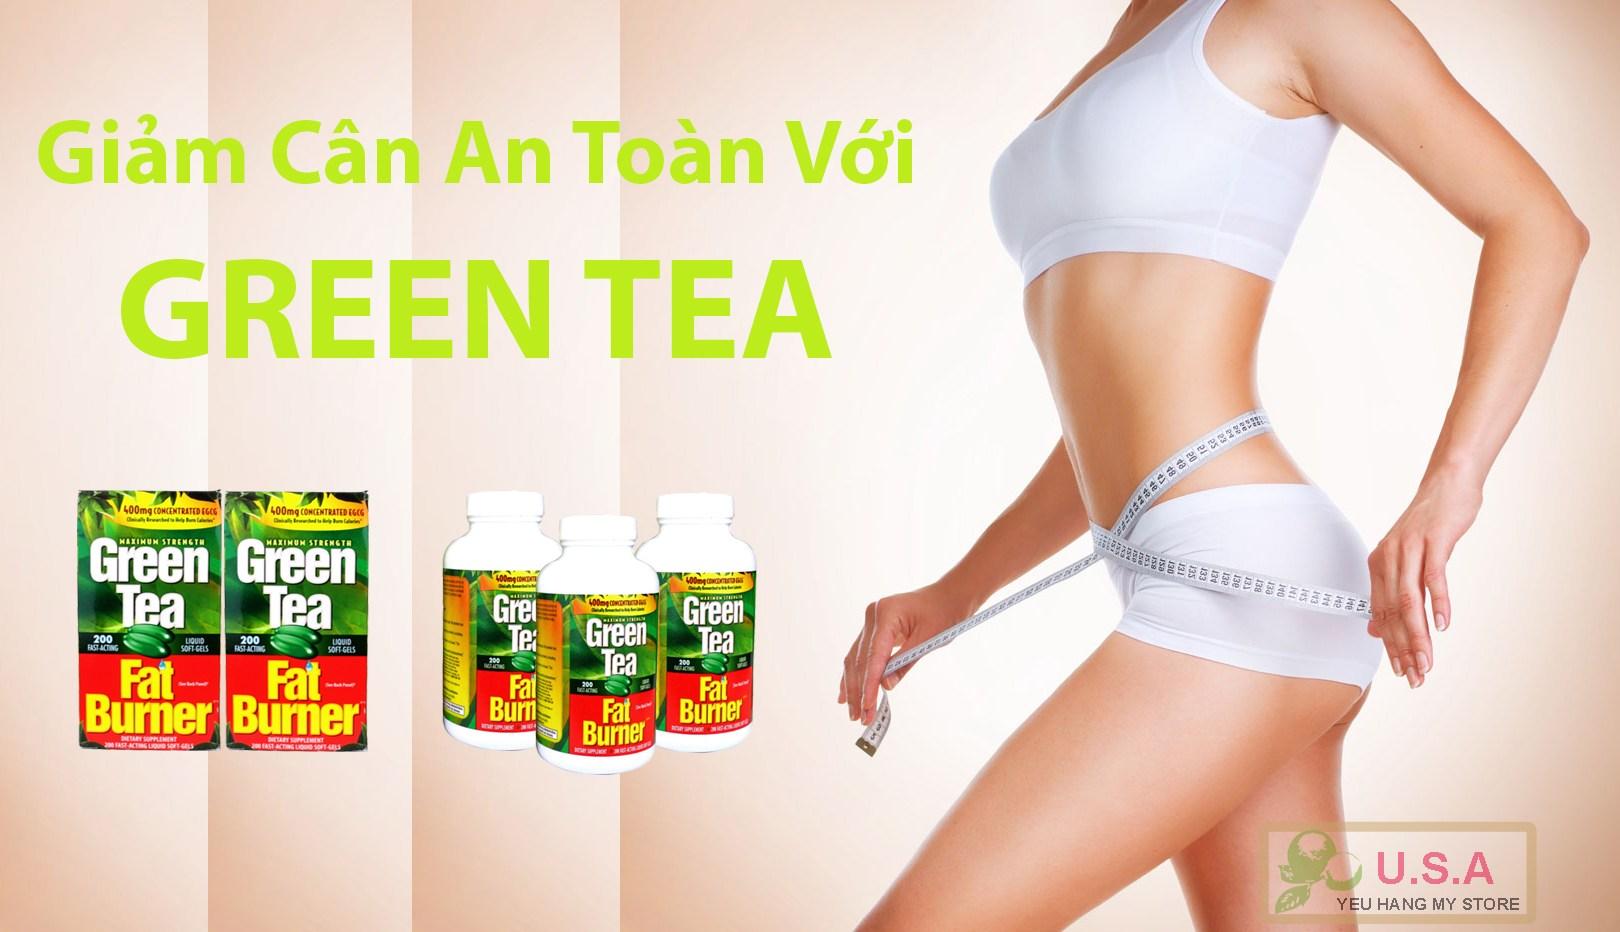 Toàn quốc - Viên Uống Giảm Cân Green Tea Fat Burner Mỹ Giam-can-green-tea-001